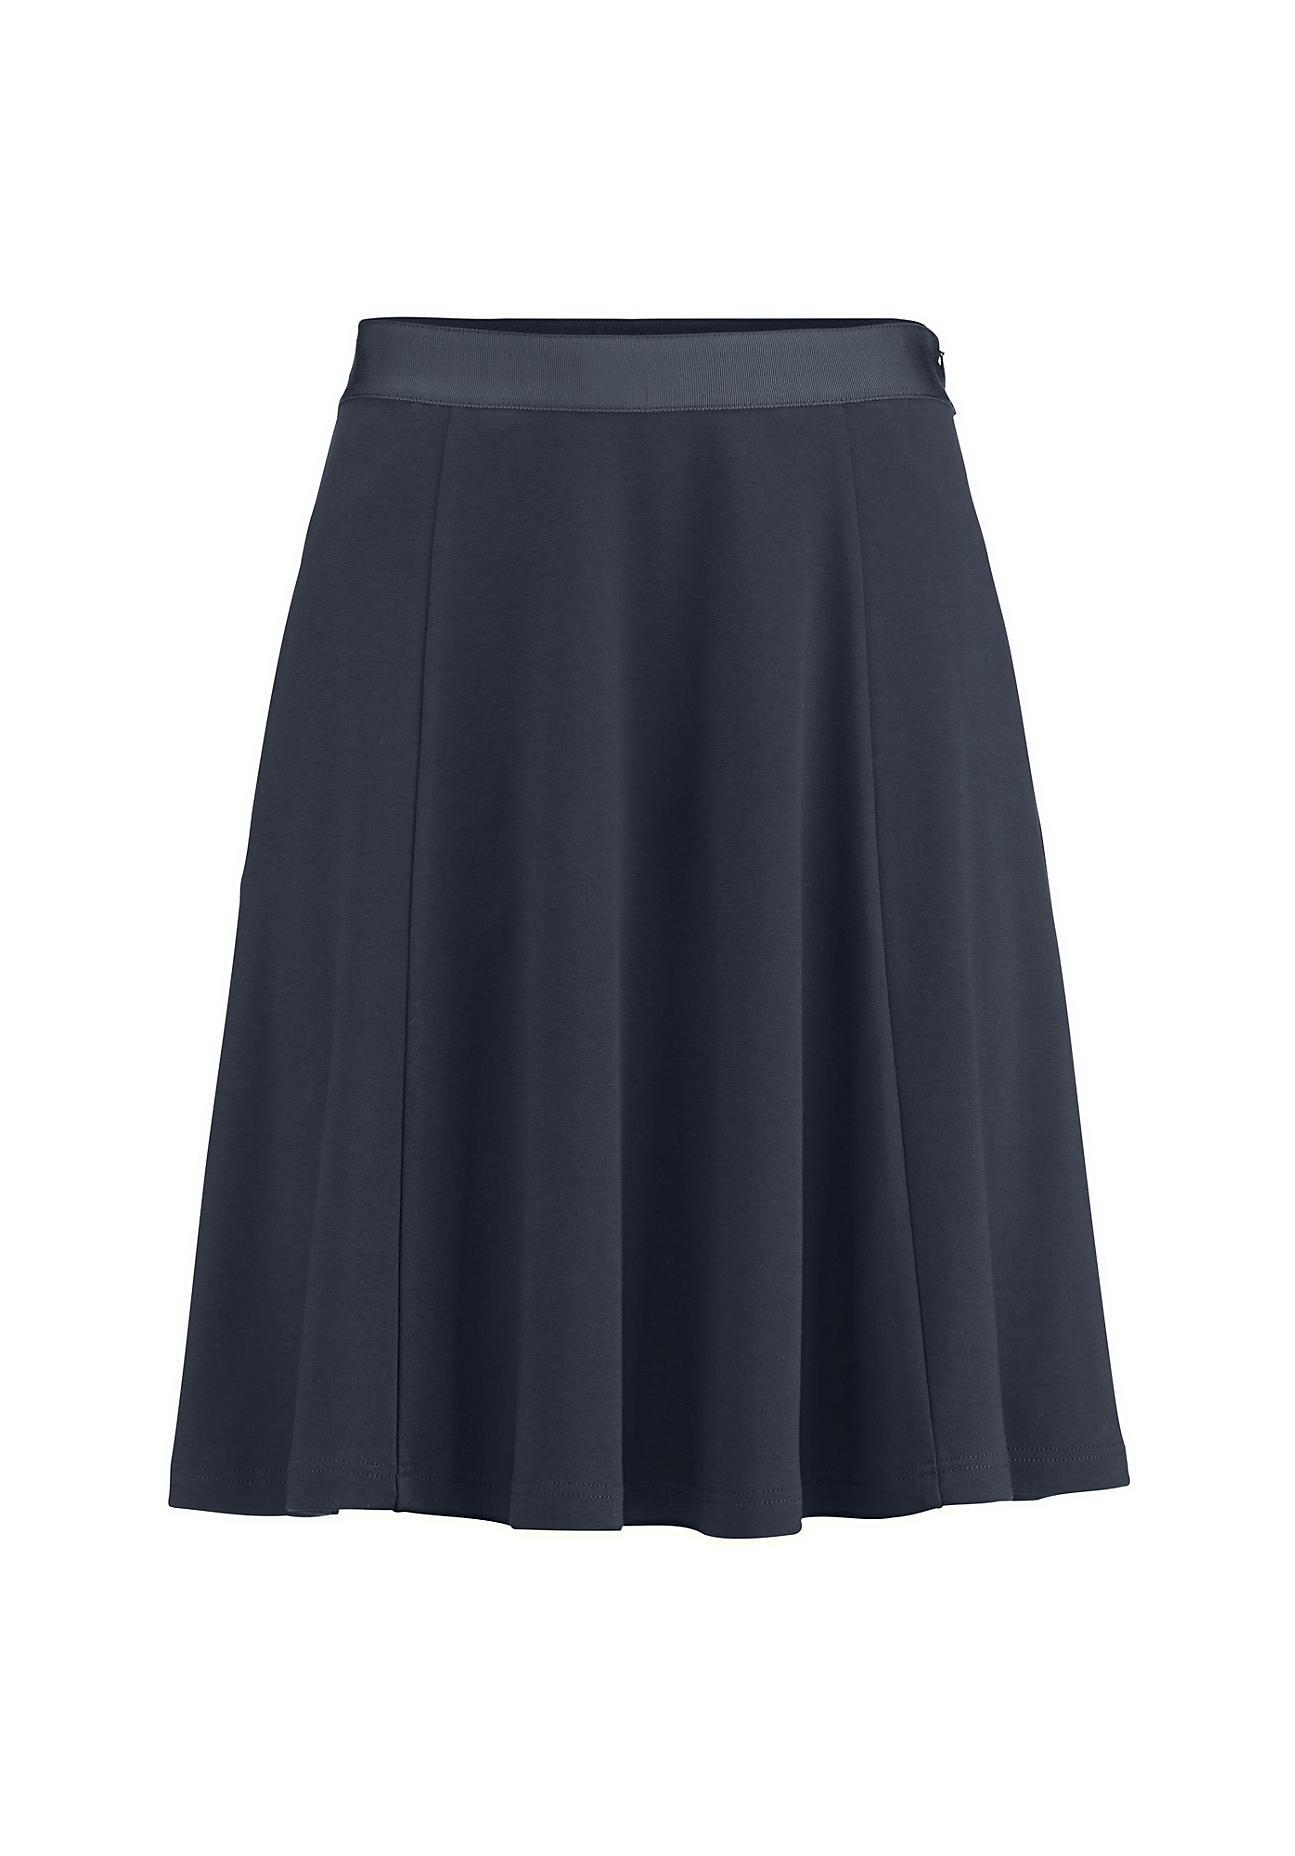 Roecke für Frauen - hessnatur Damen Rock aus Bio Baumwolle – blau –  - Onlineshop Hessnatur